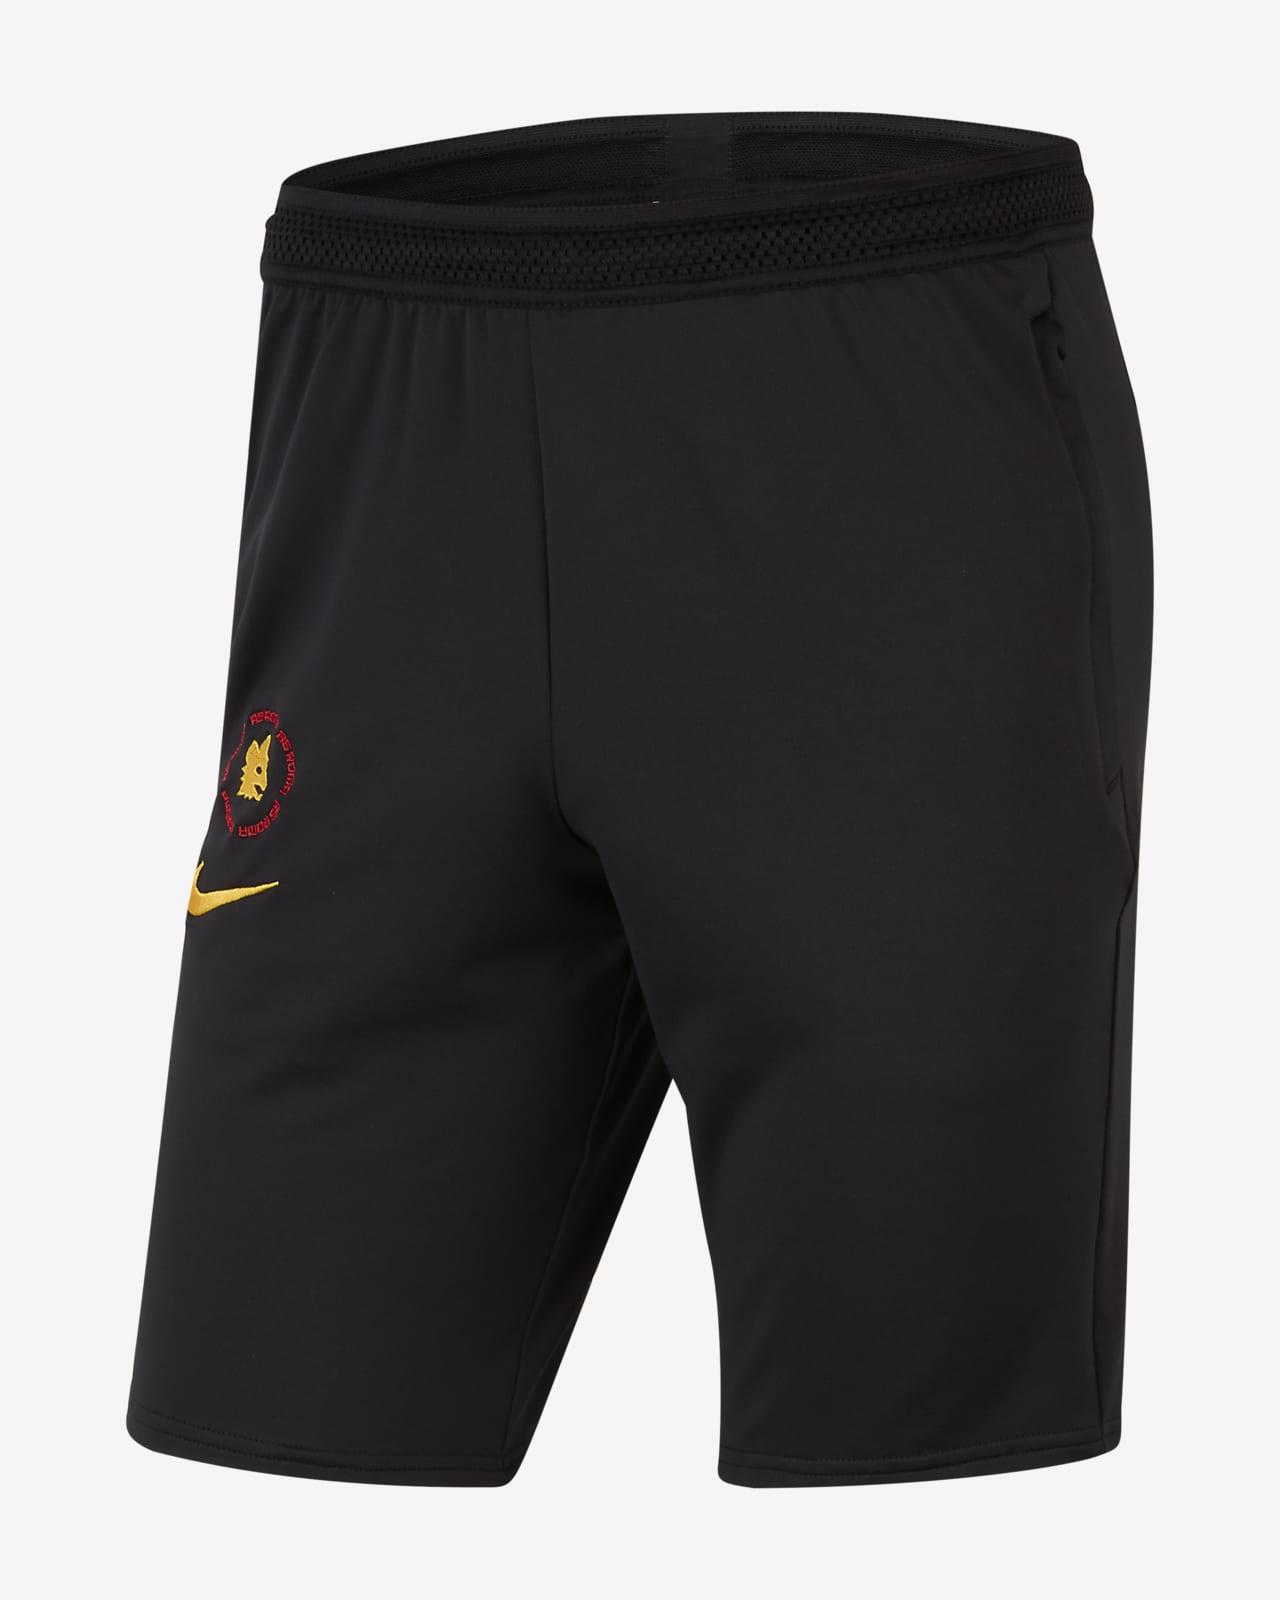 AS Roma Men's Football Shorts